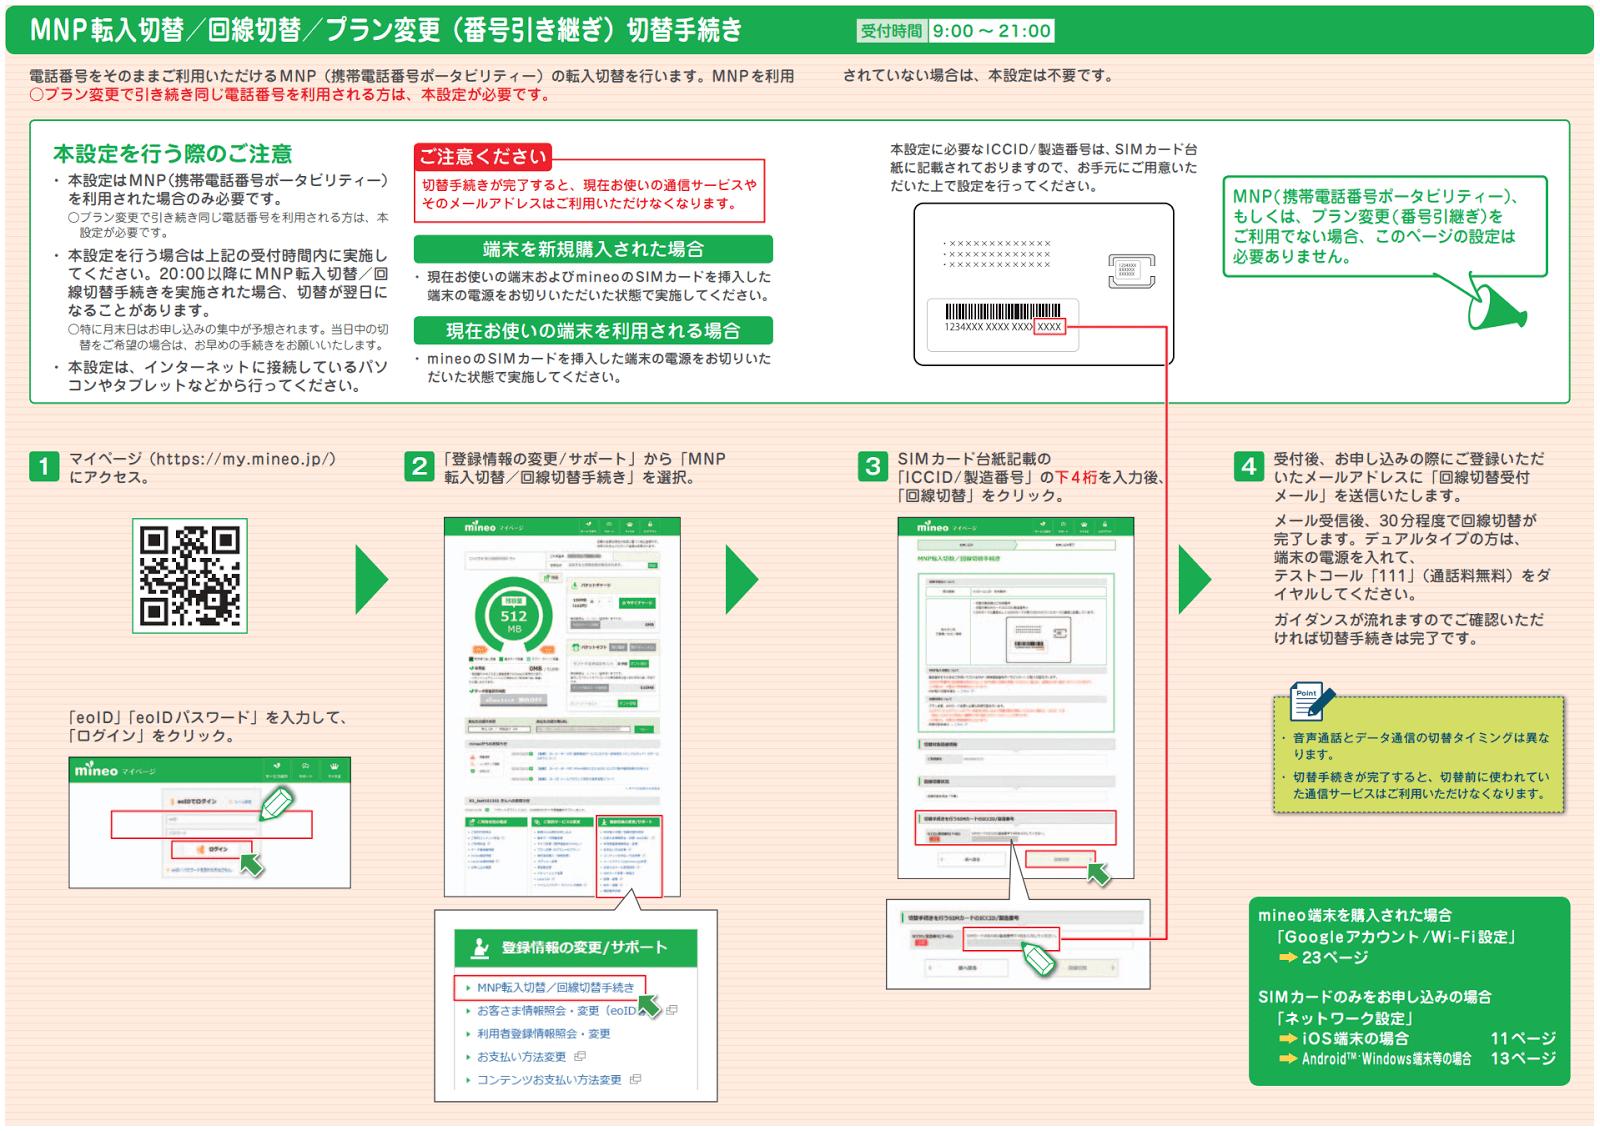 mineoご利用ガイド、MNP転入切り替え手続きのページ